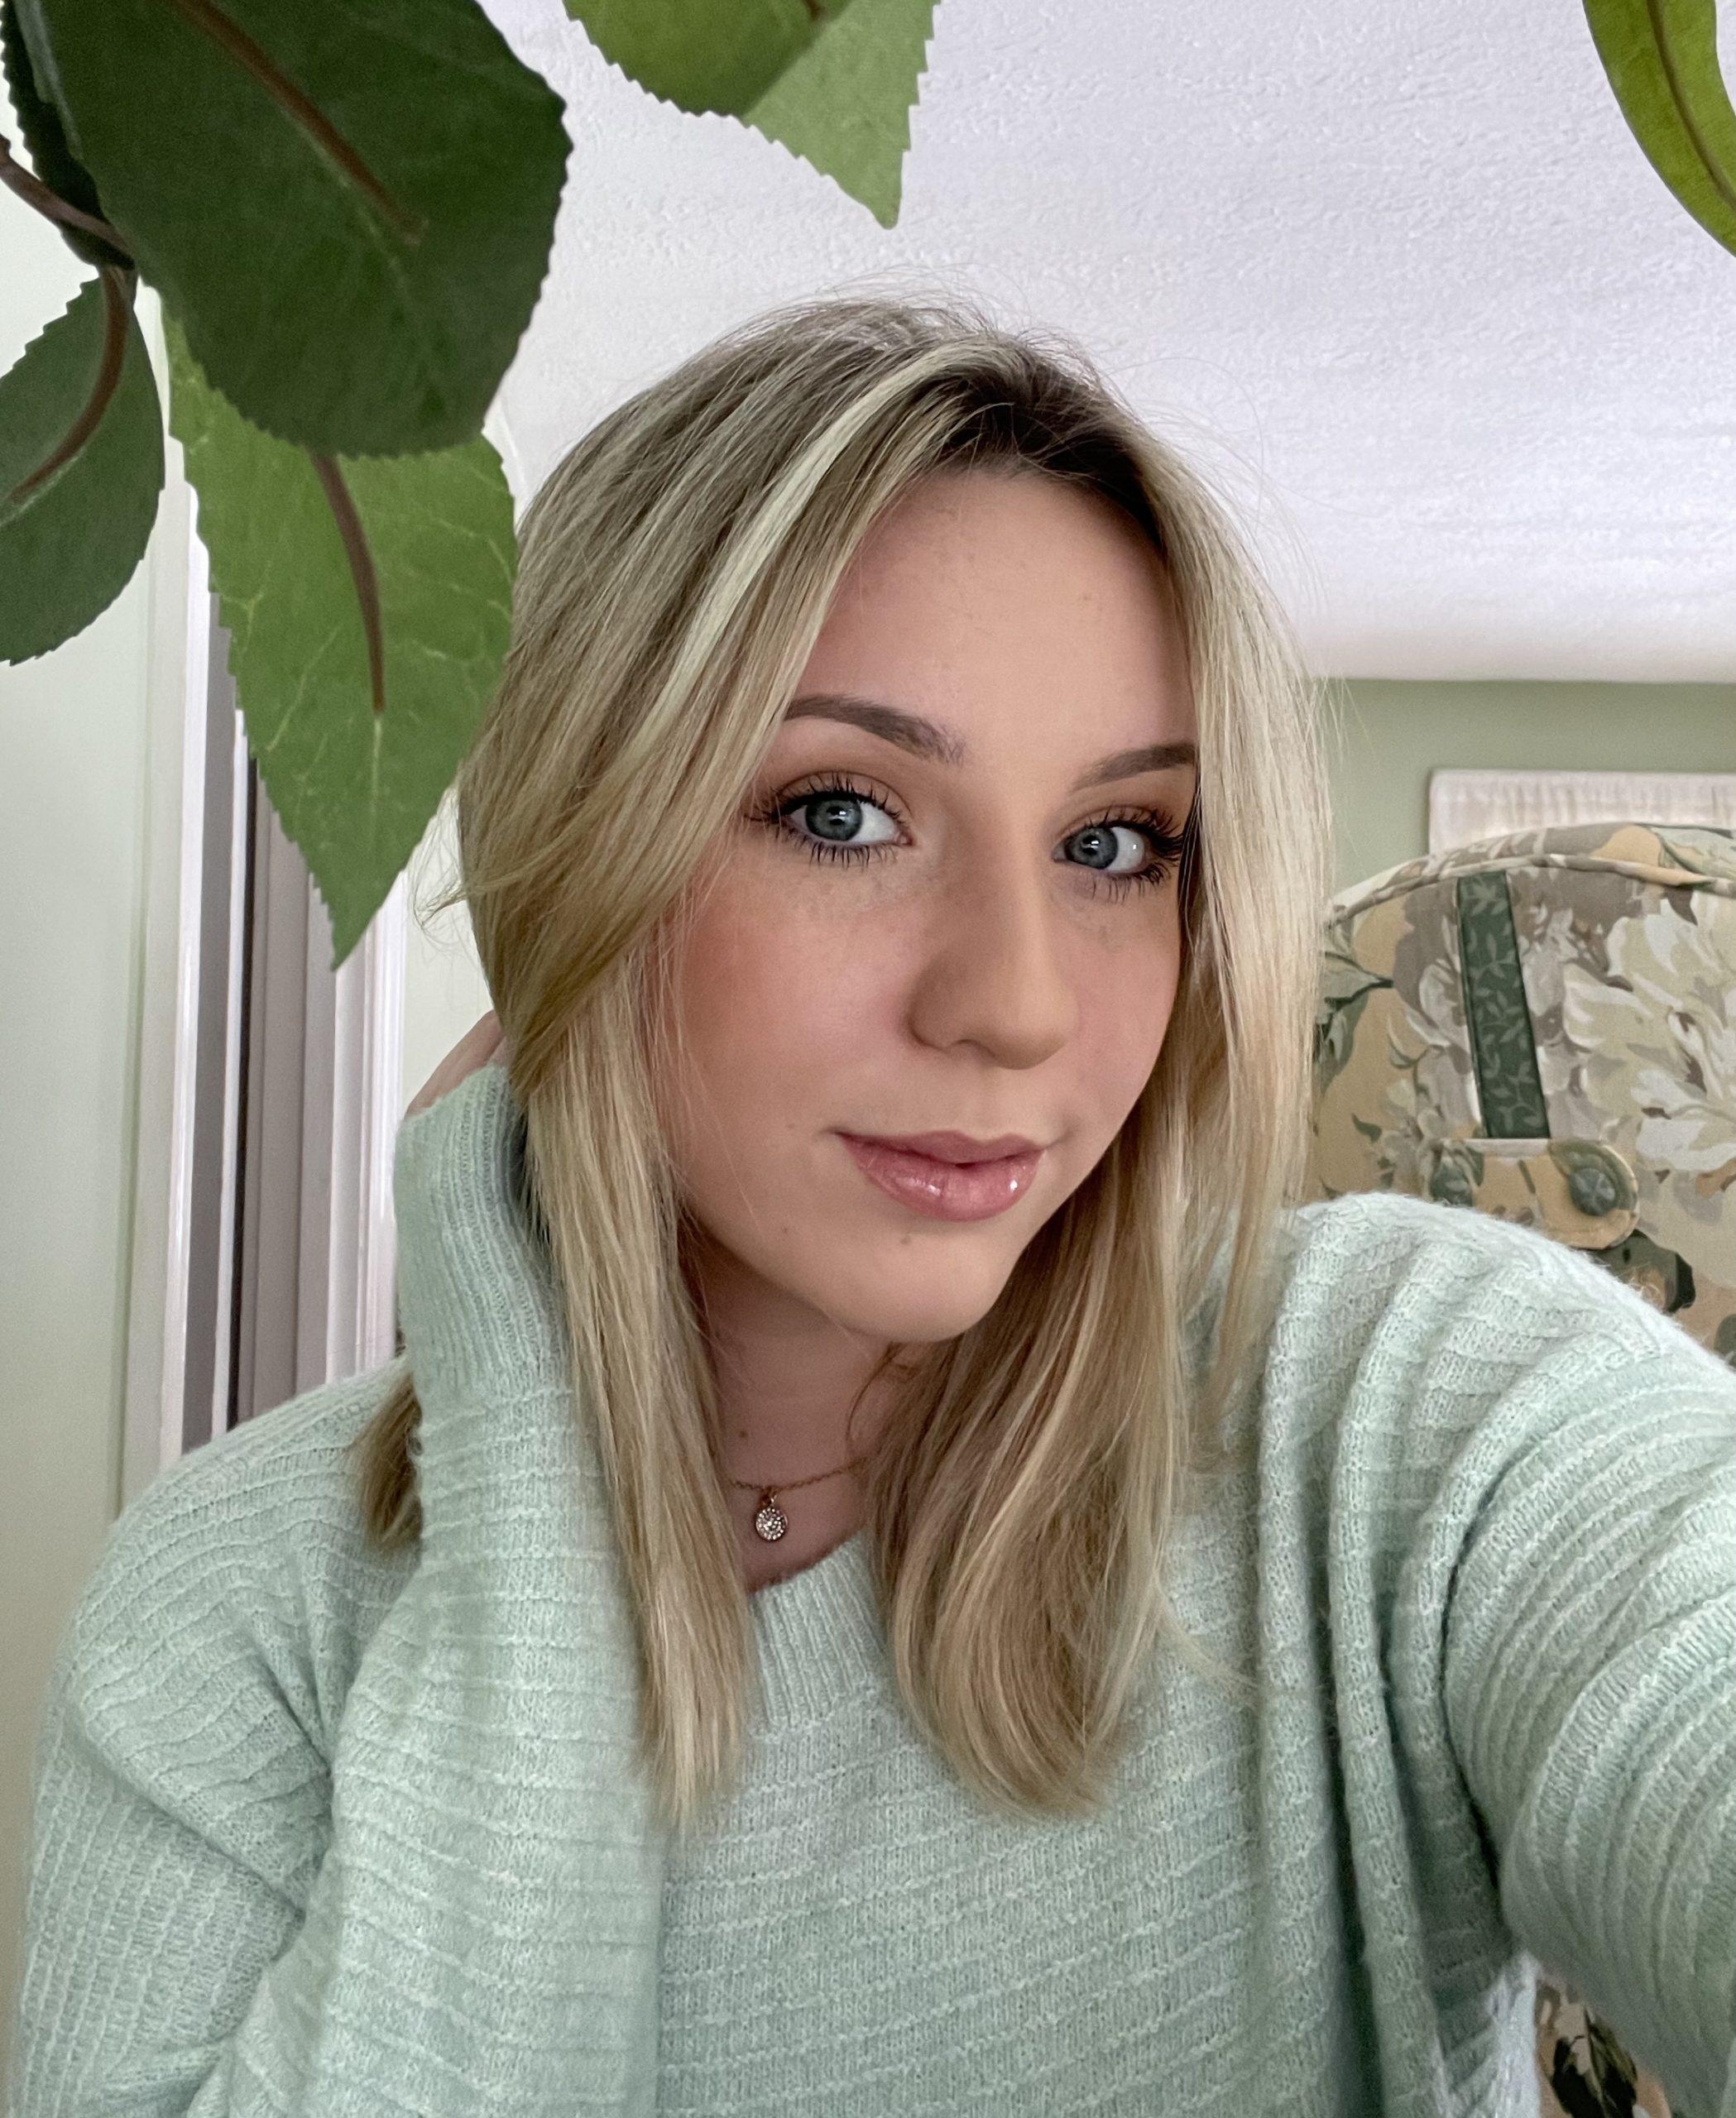 Erin Goggin